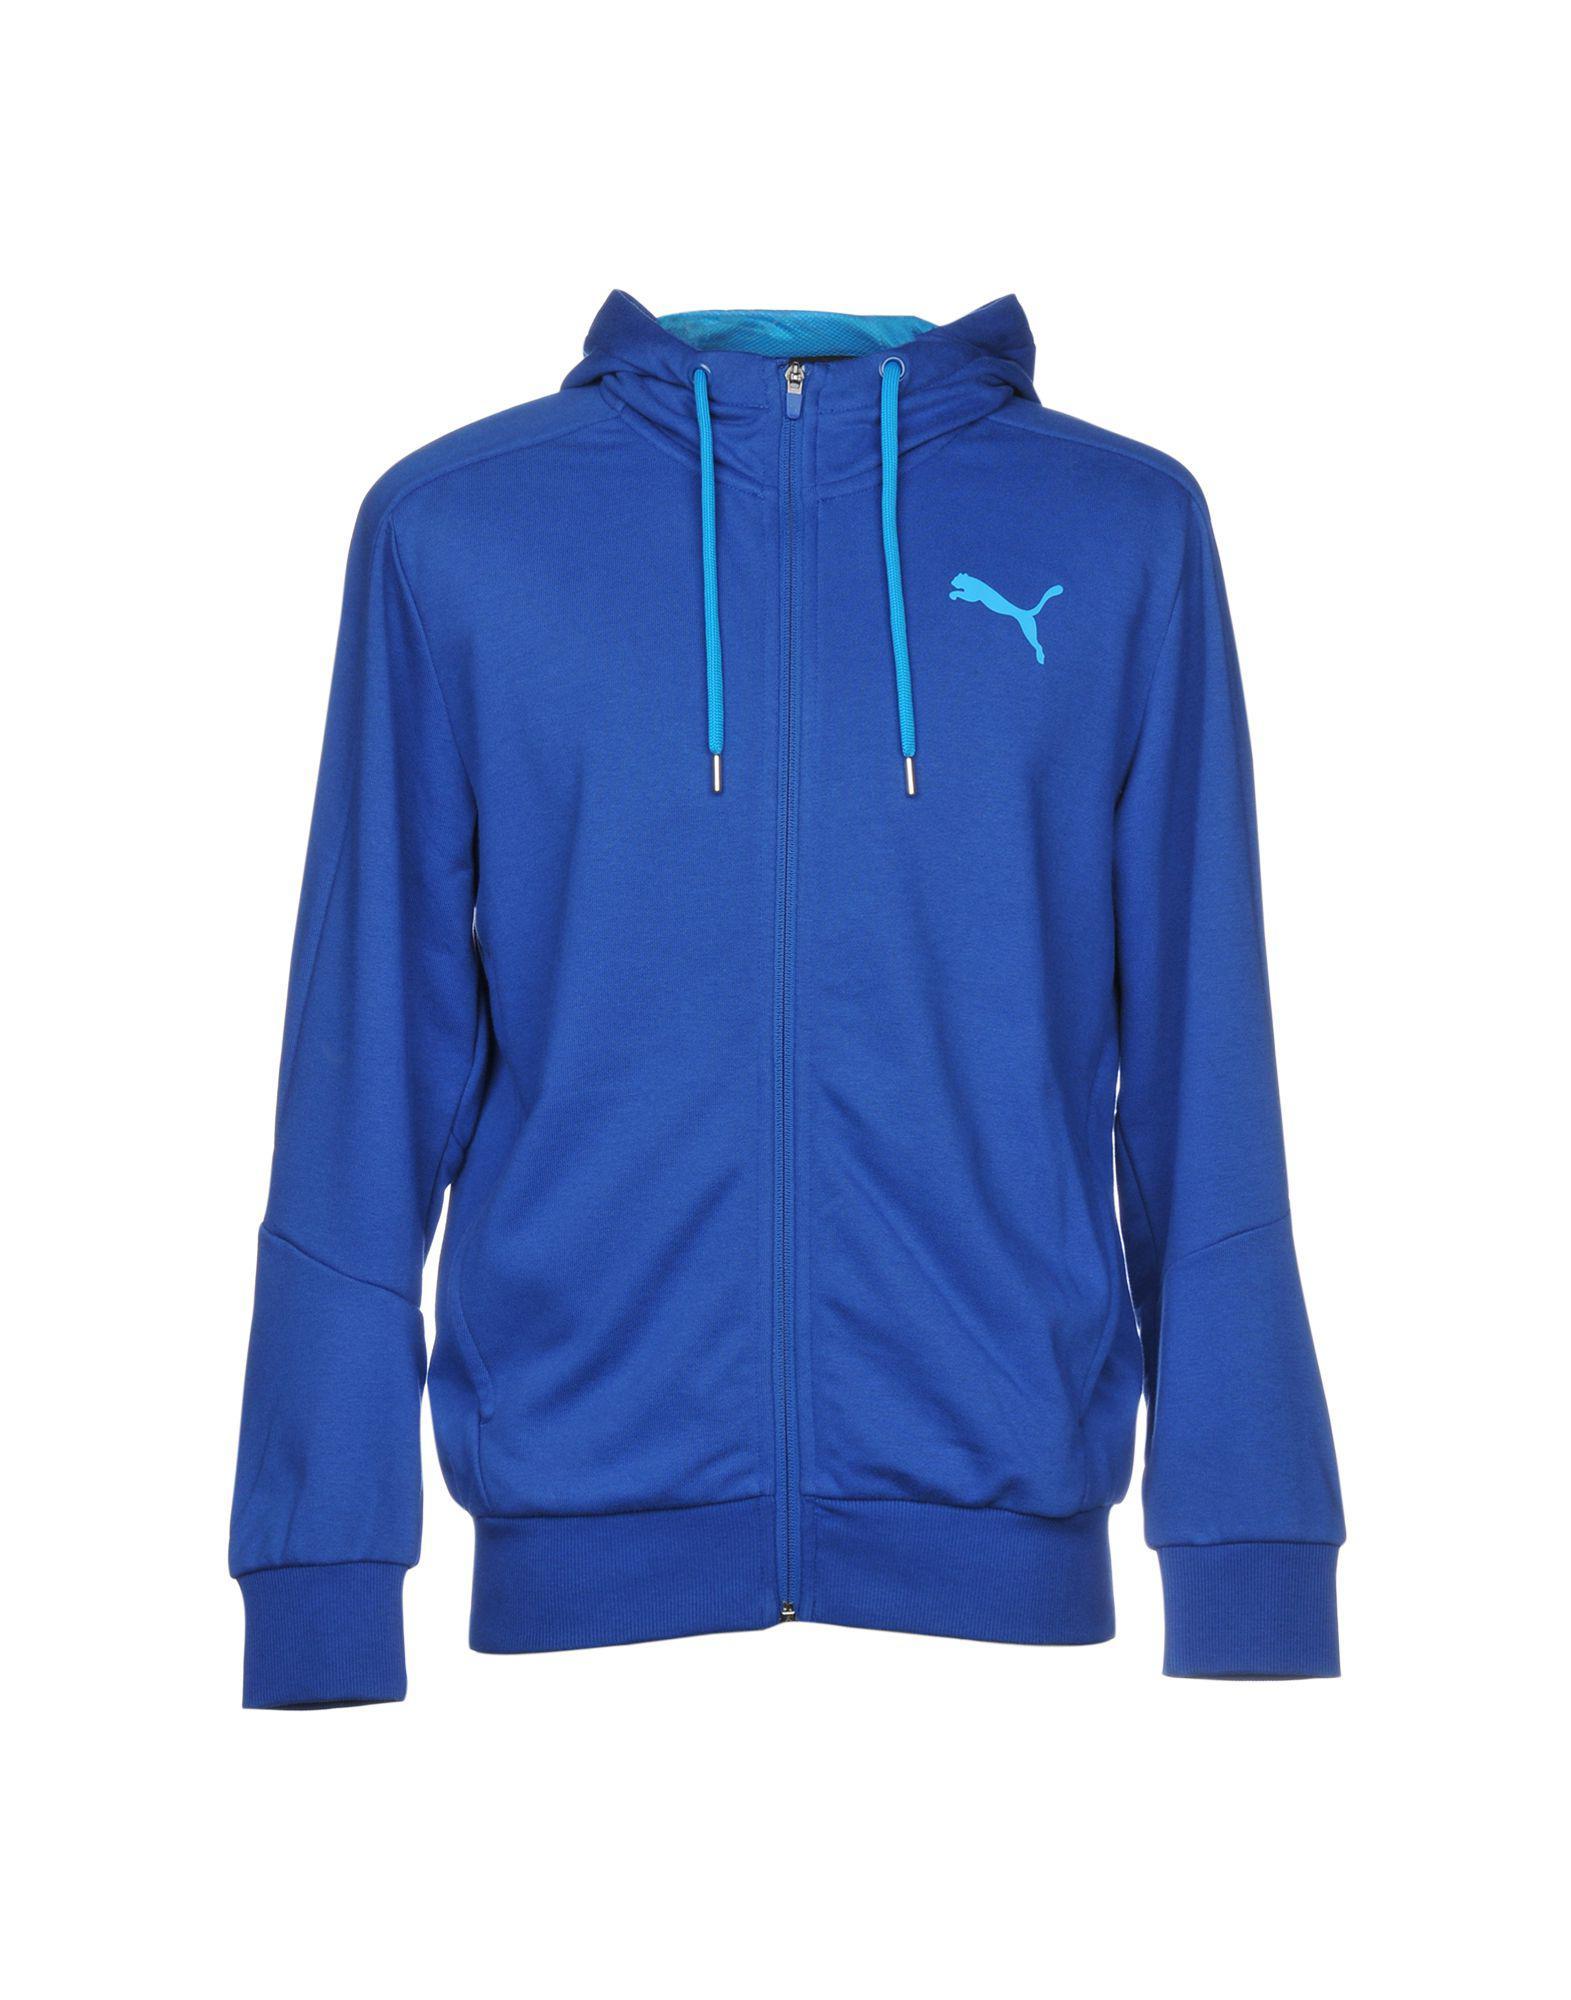 Puma De Sudadera Hombre Color Lyst Azul w17BqE55 8e9abcbfb46ad